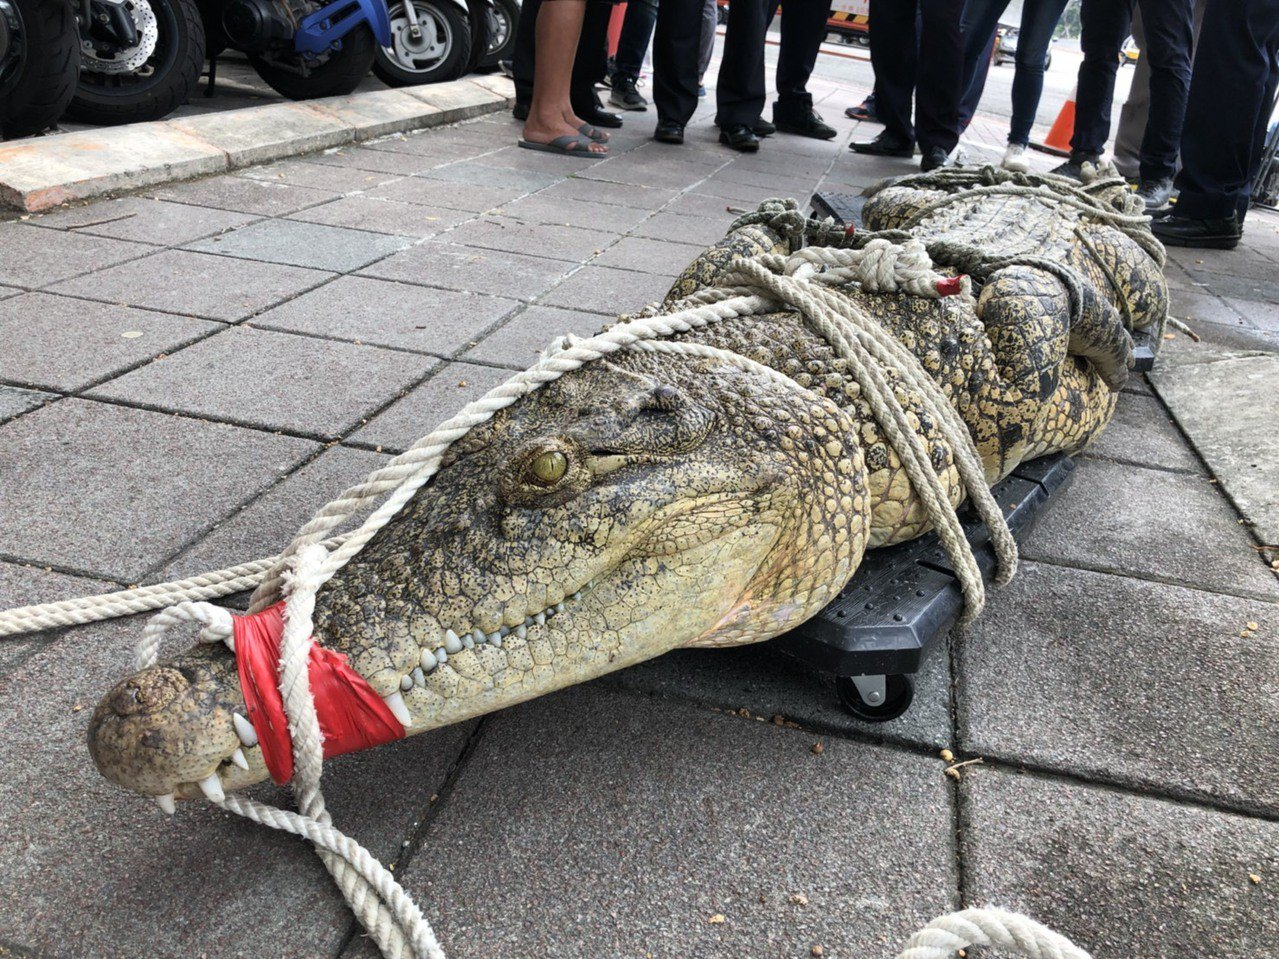 嘉義竹崎龍群鱷魚養殖場經營者45歲阮茂盛,今天帶鱷魚抗議。圖/民眾提供